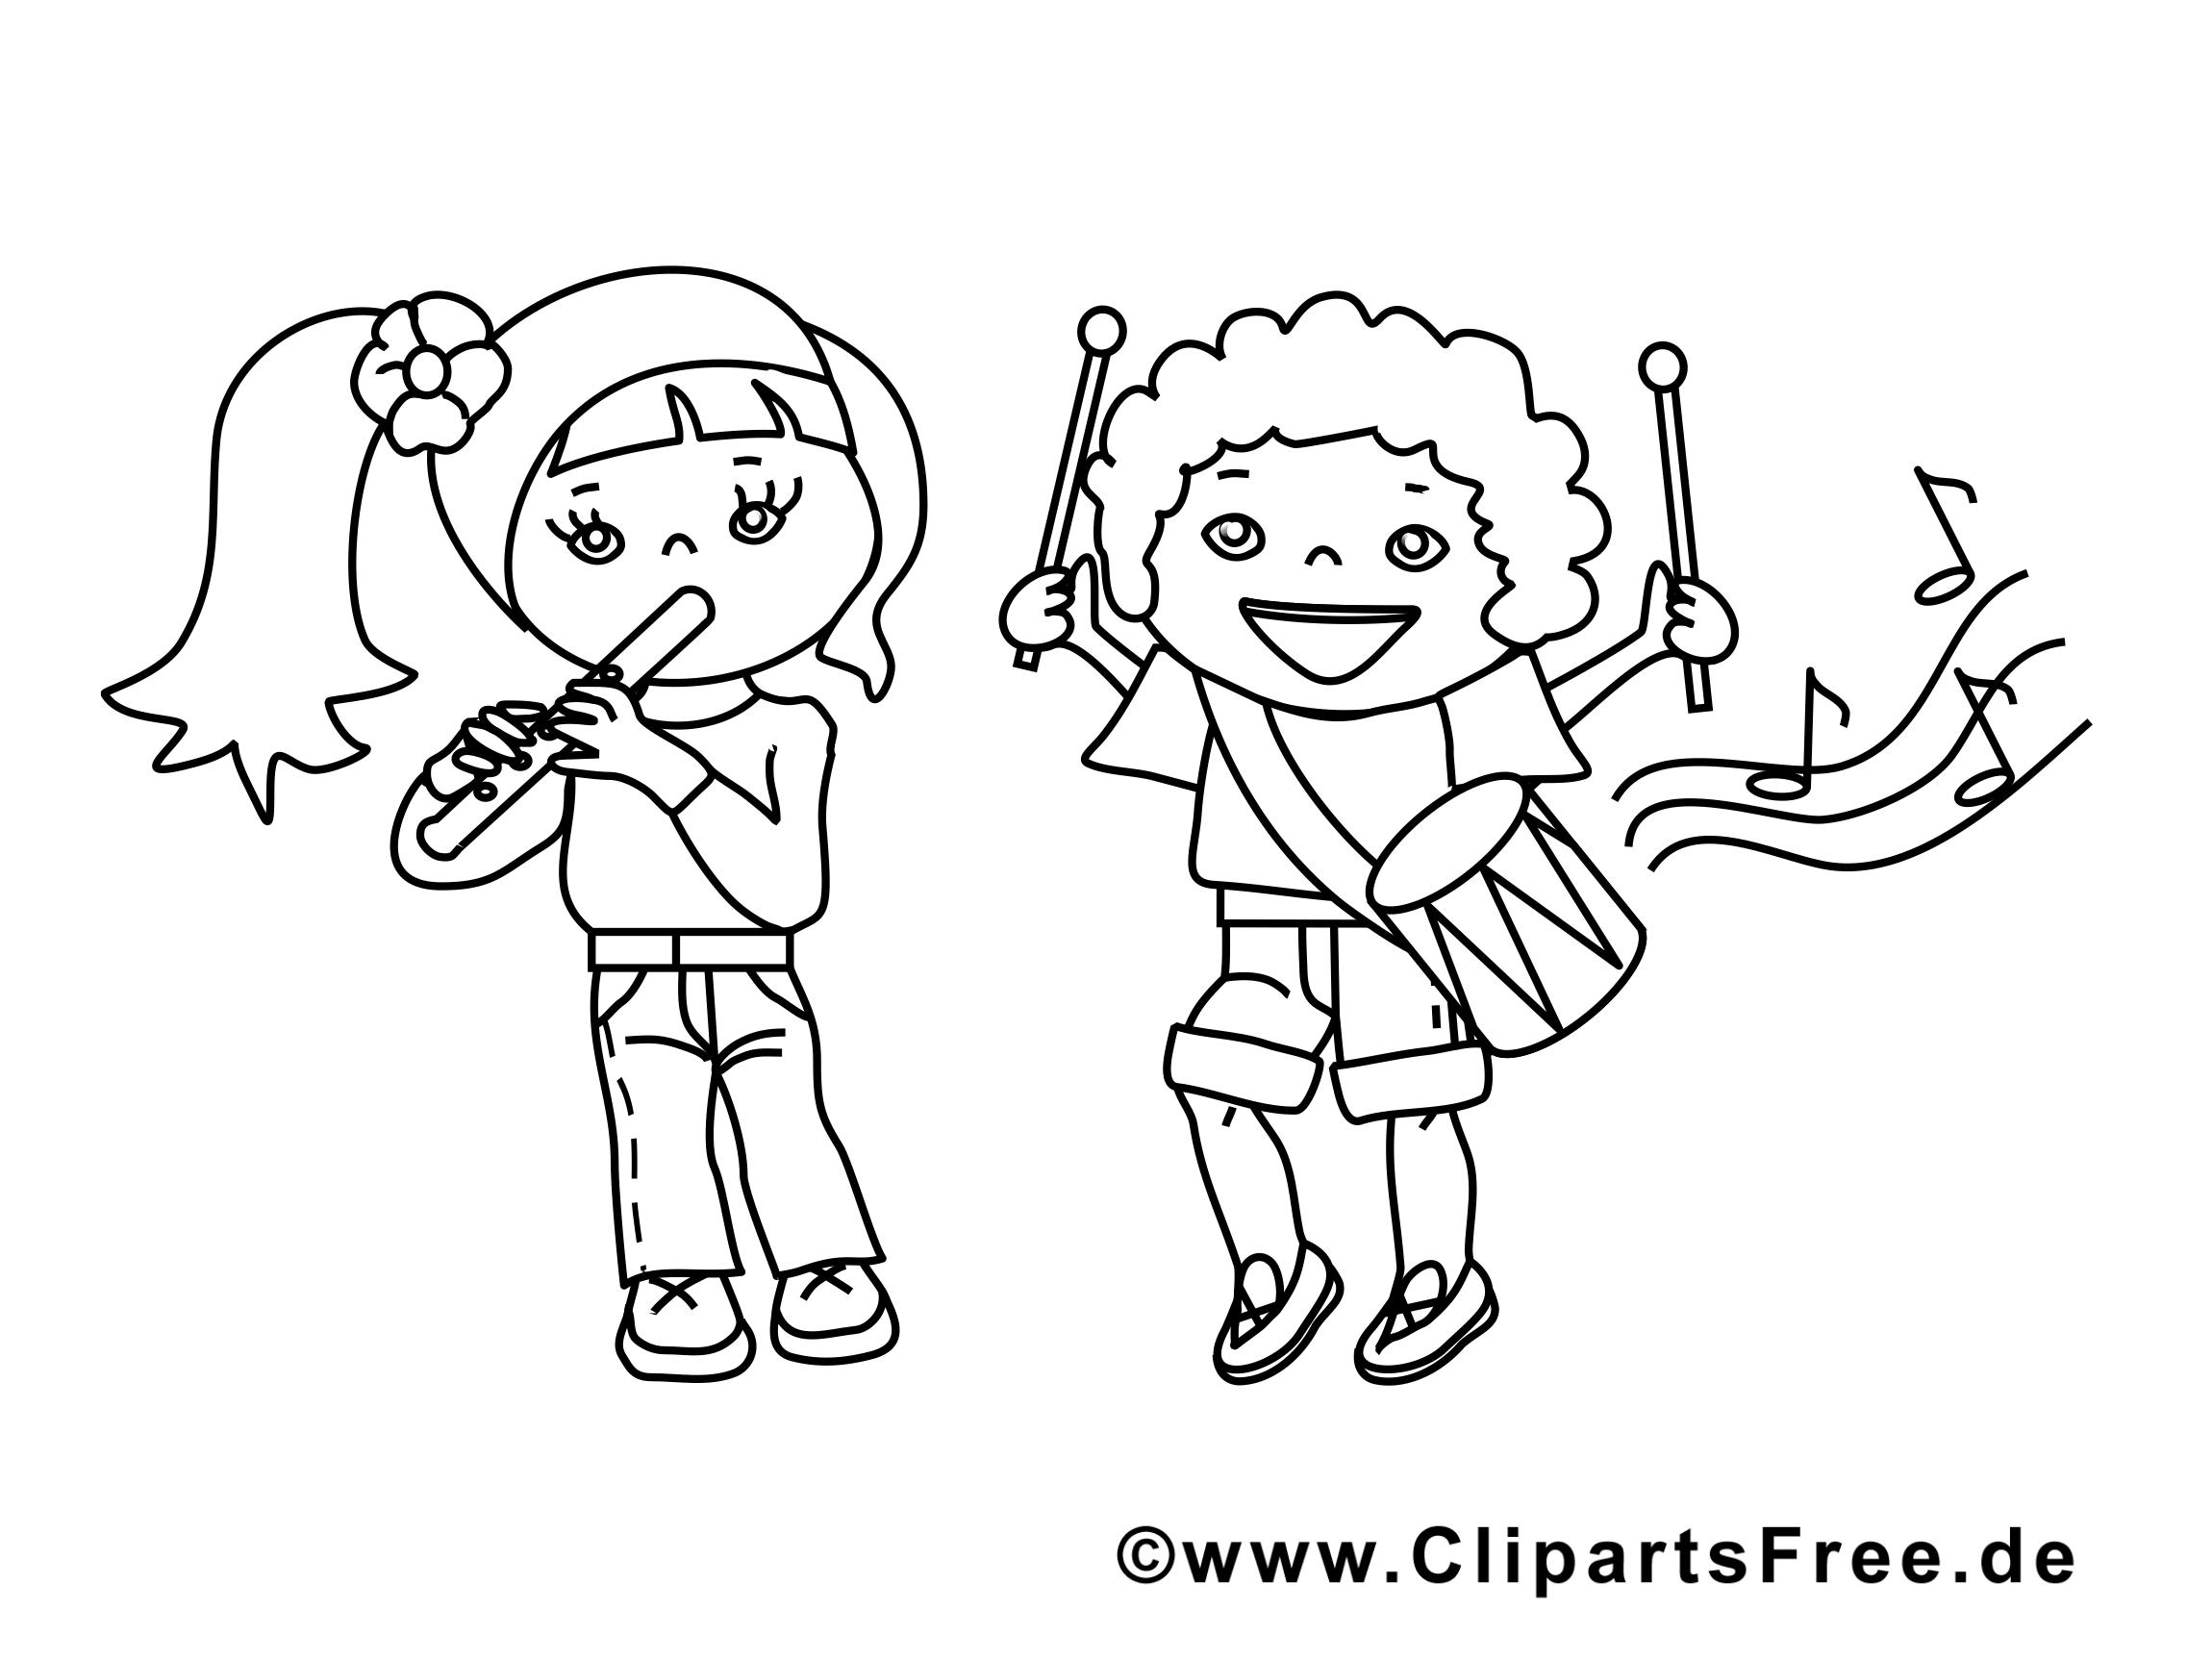 Musiciens clip art à colorier – Enfants images gratuites